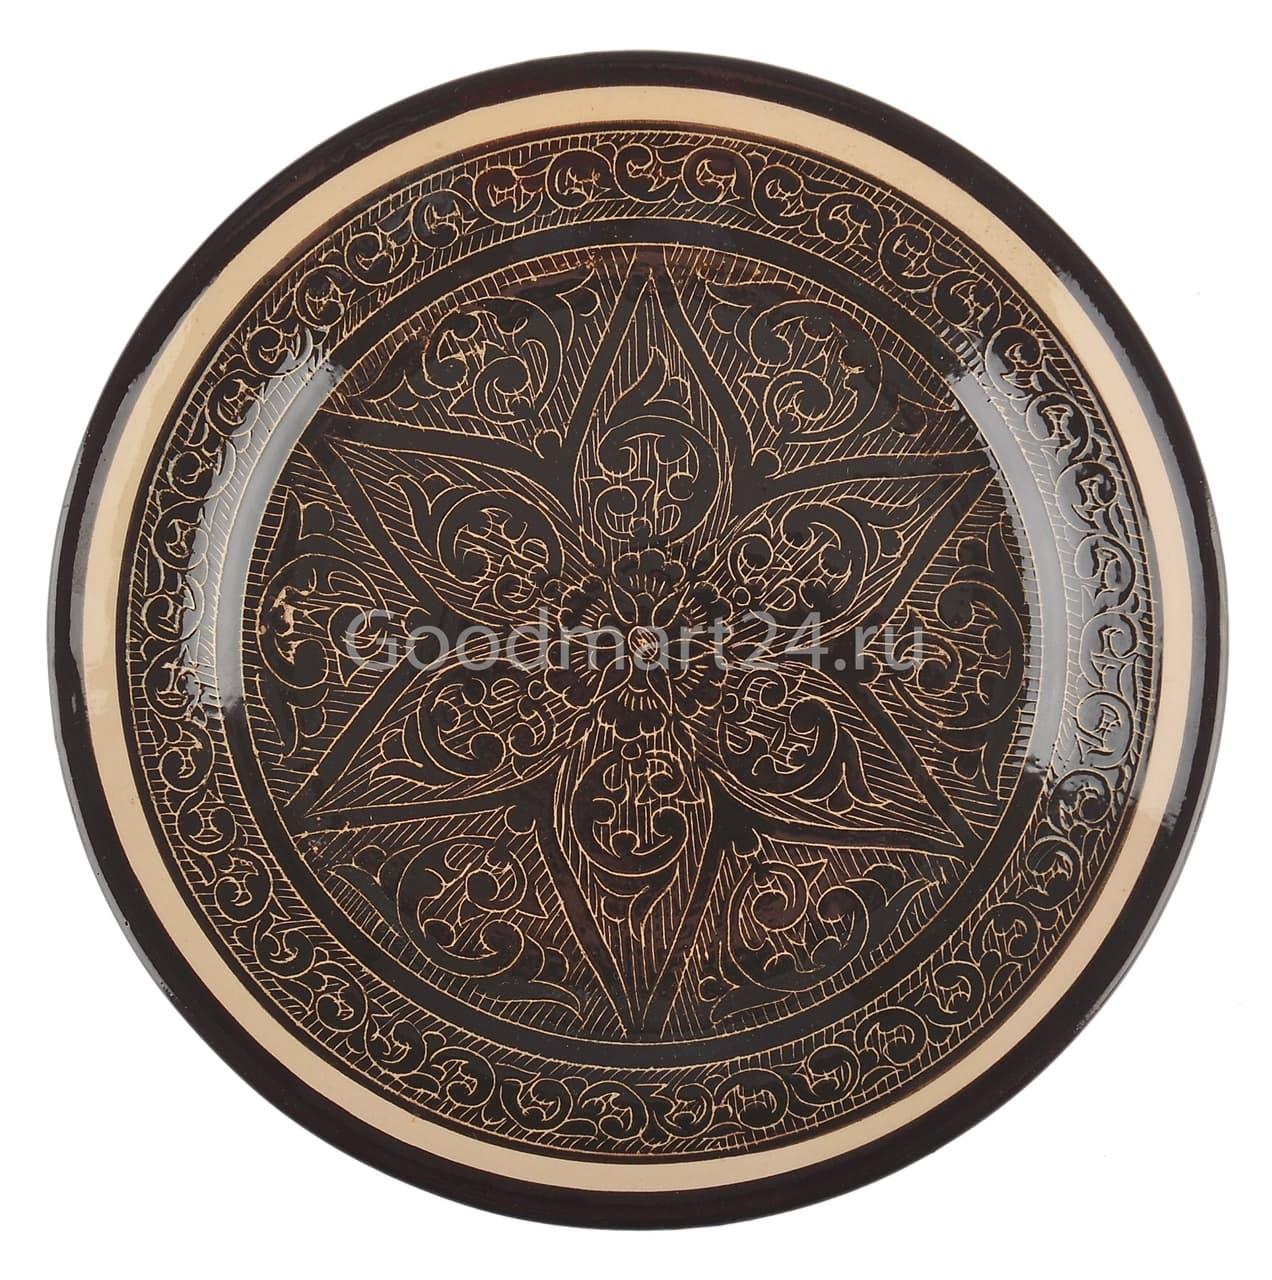 Тарелка плоская Риштанская Керамика 19 см. коричневая - фото 7512